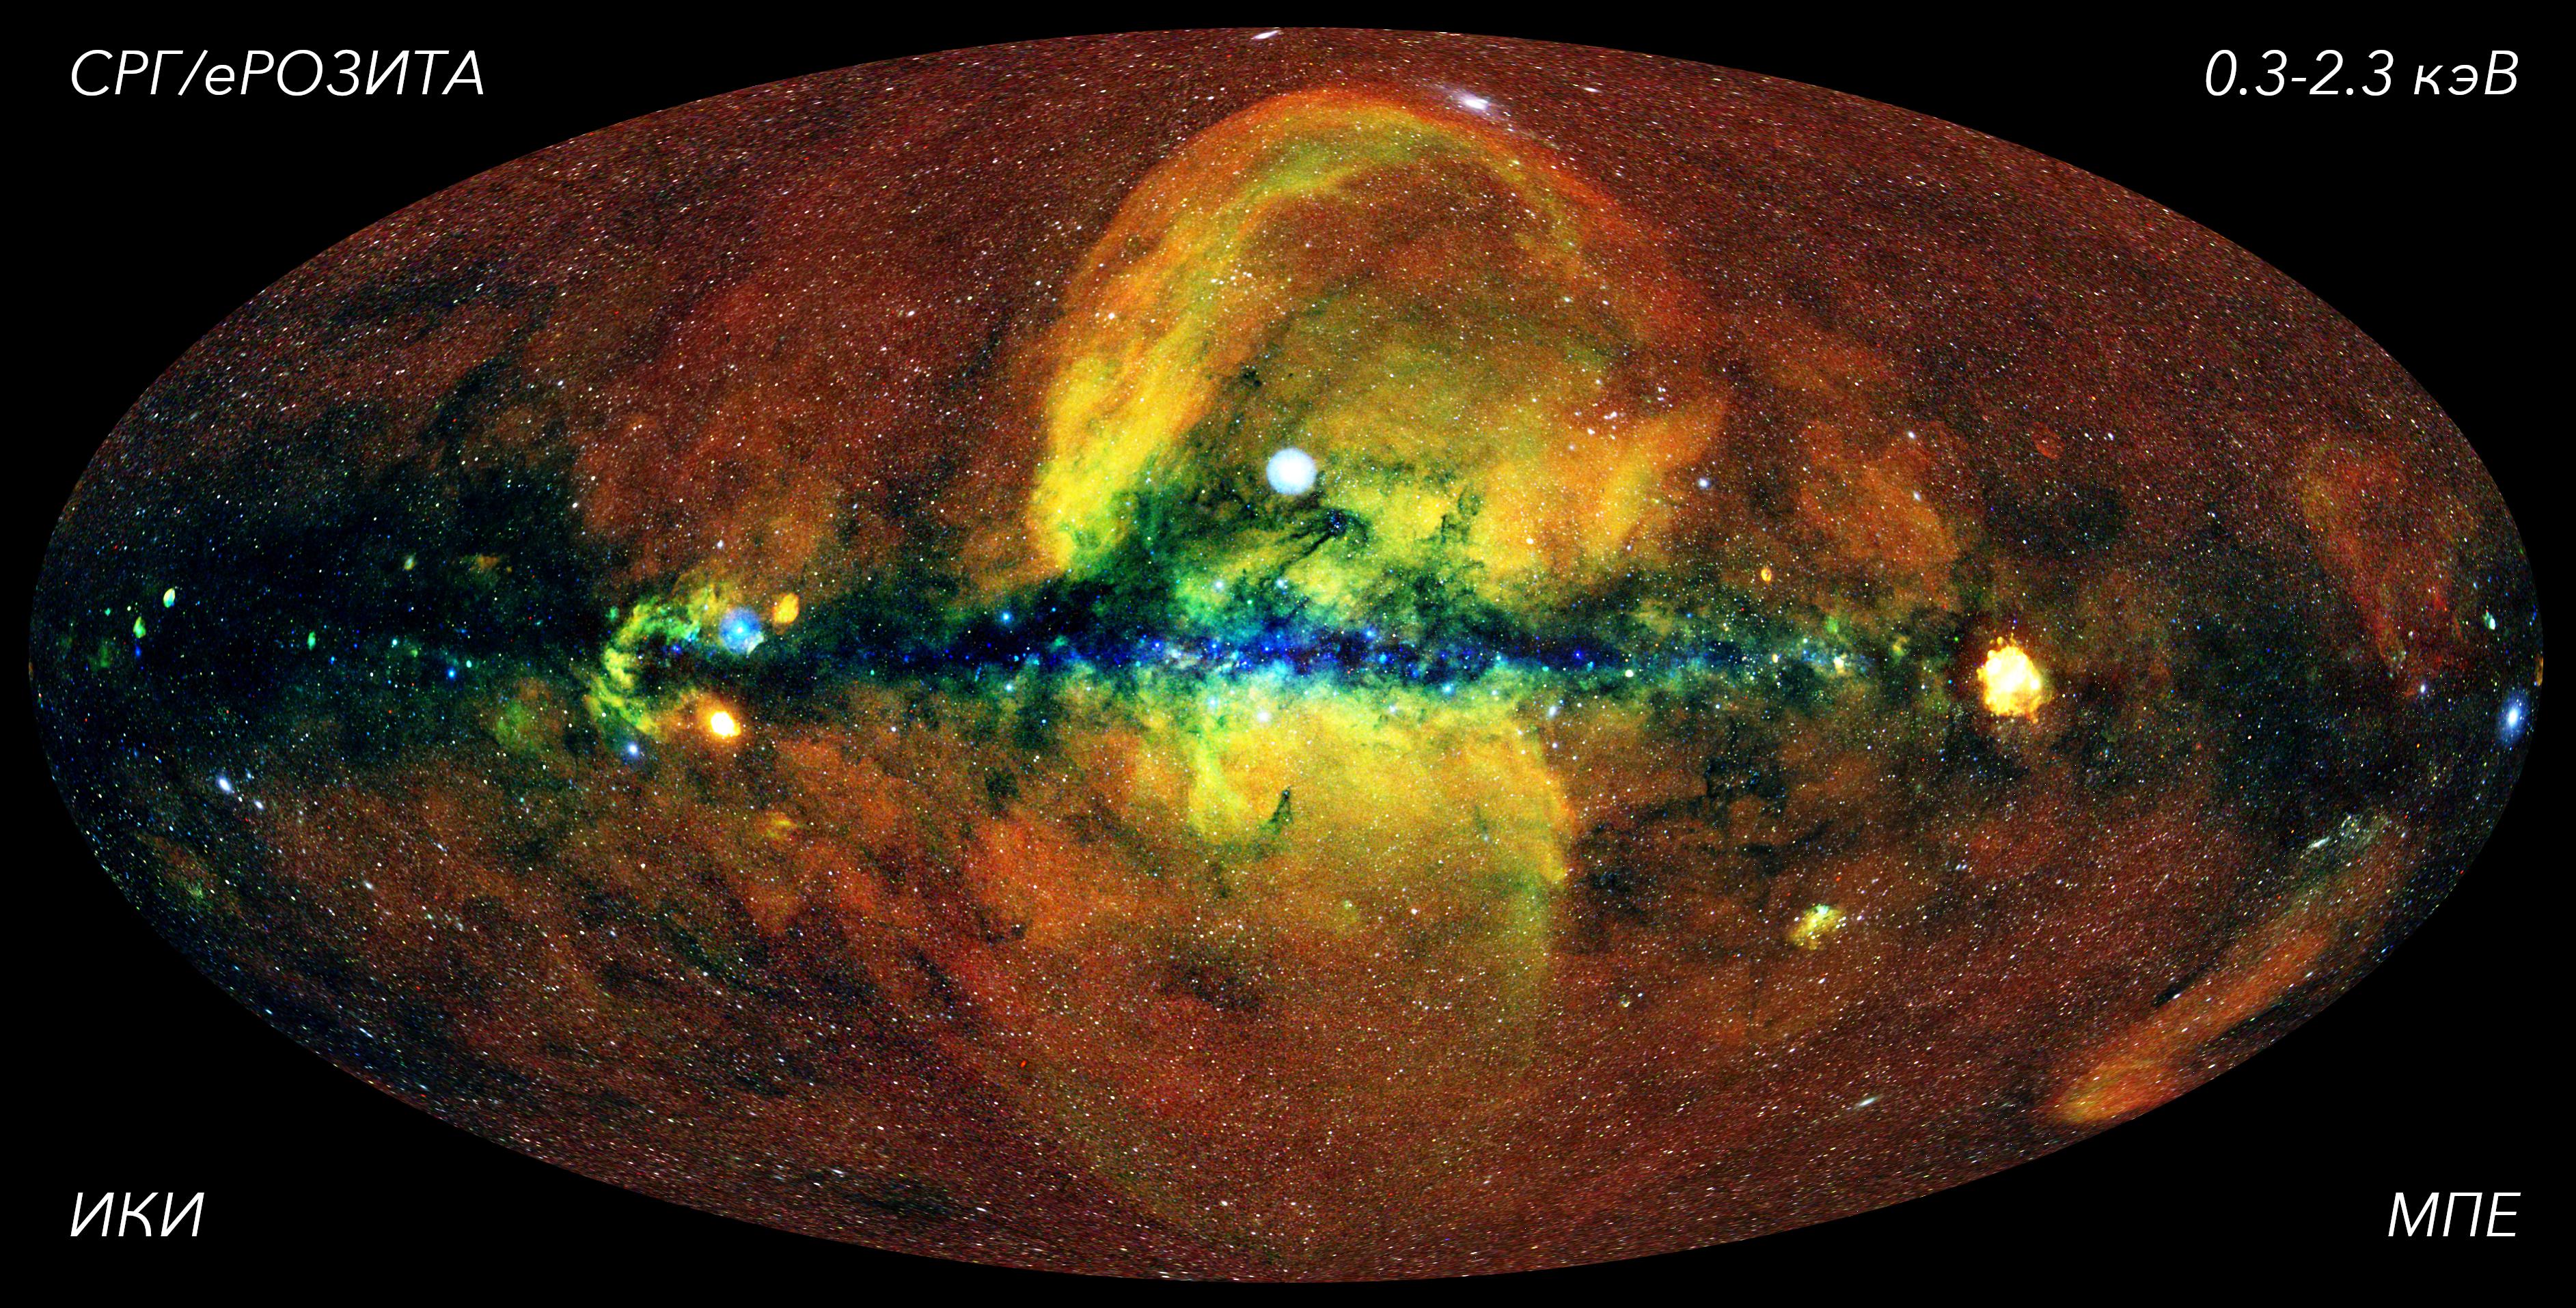 Карта всего неба СРГ/еРОЗИТА © М.Гильфанов, Е.Чуразов (от ИКИ), H.Brunner, J.Sanders (от МПЕ)